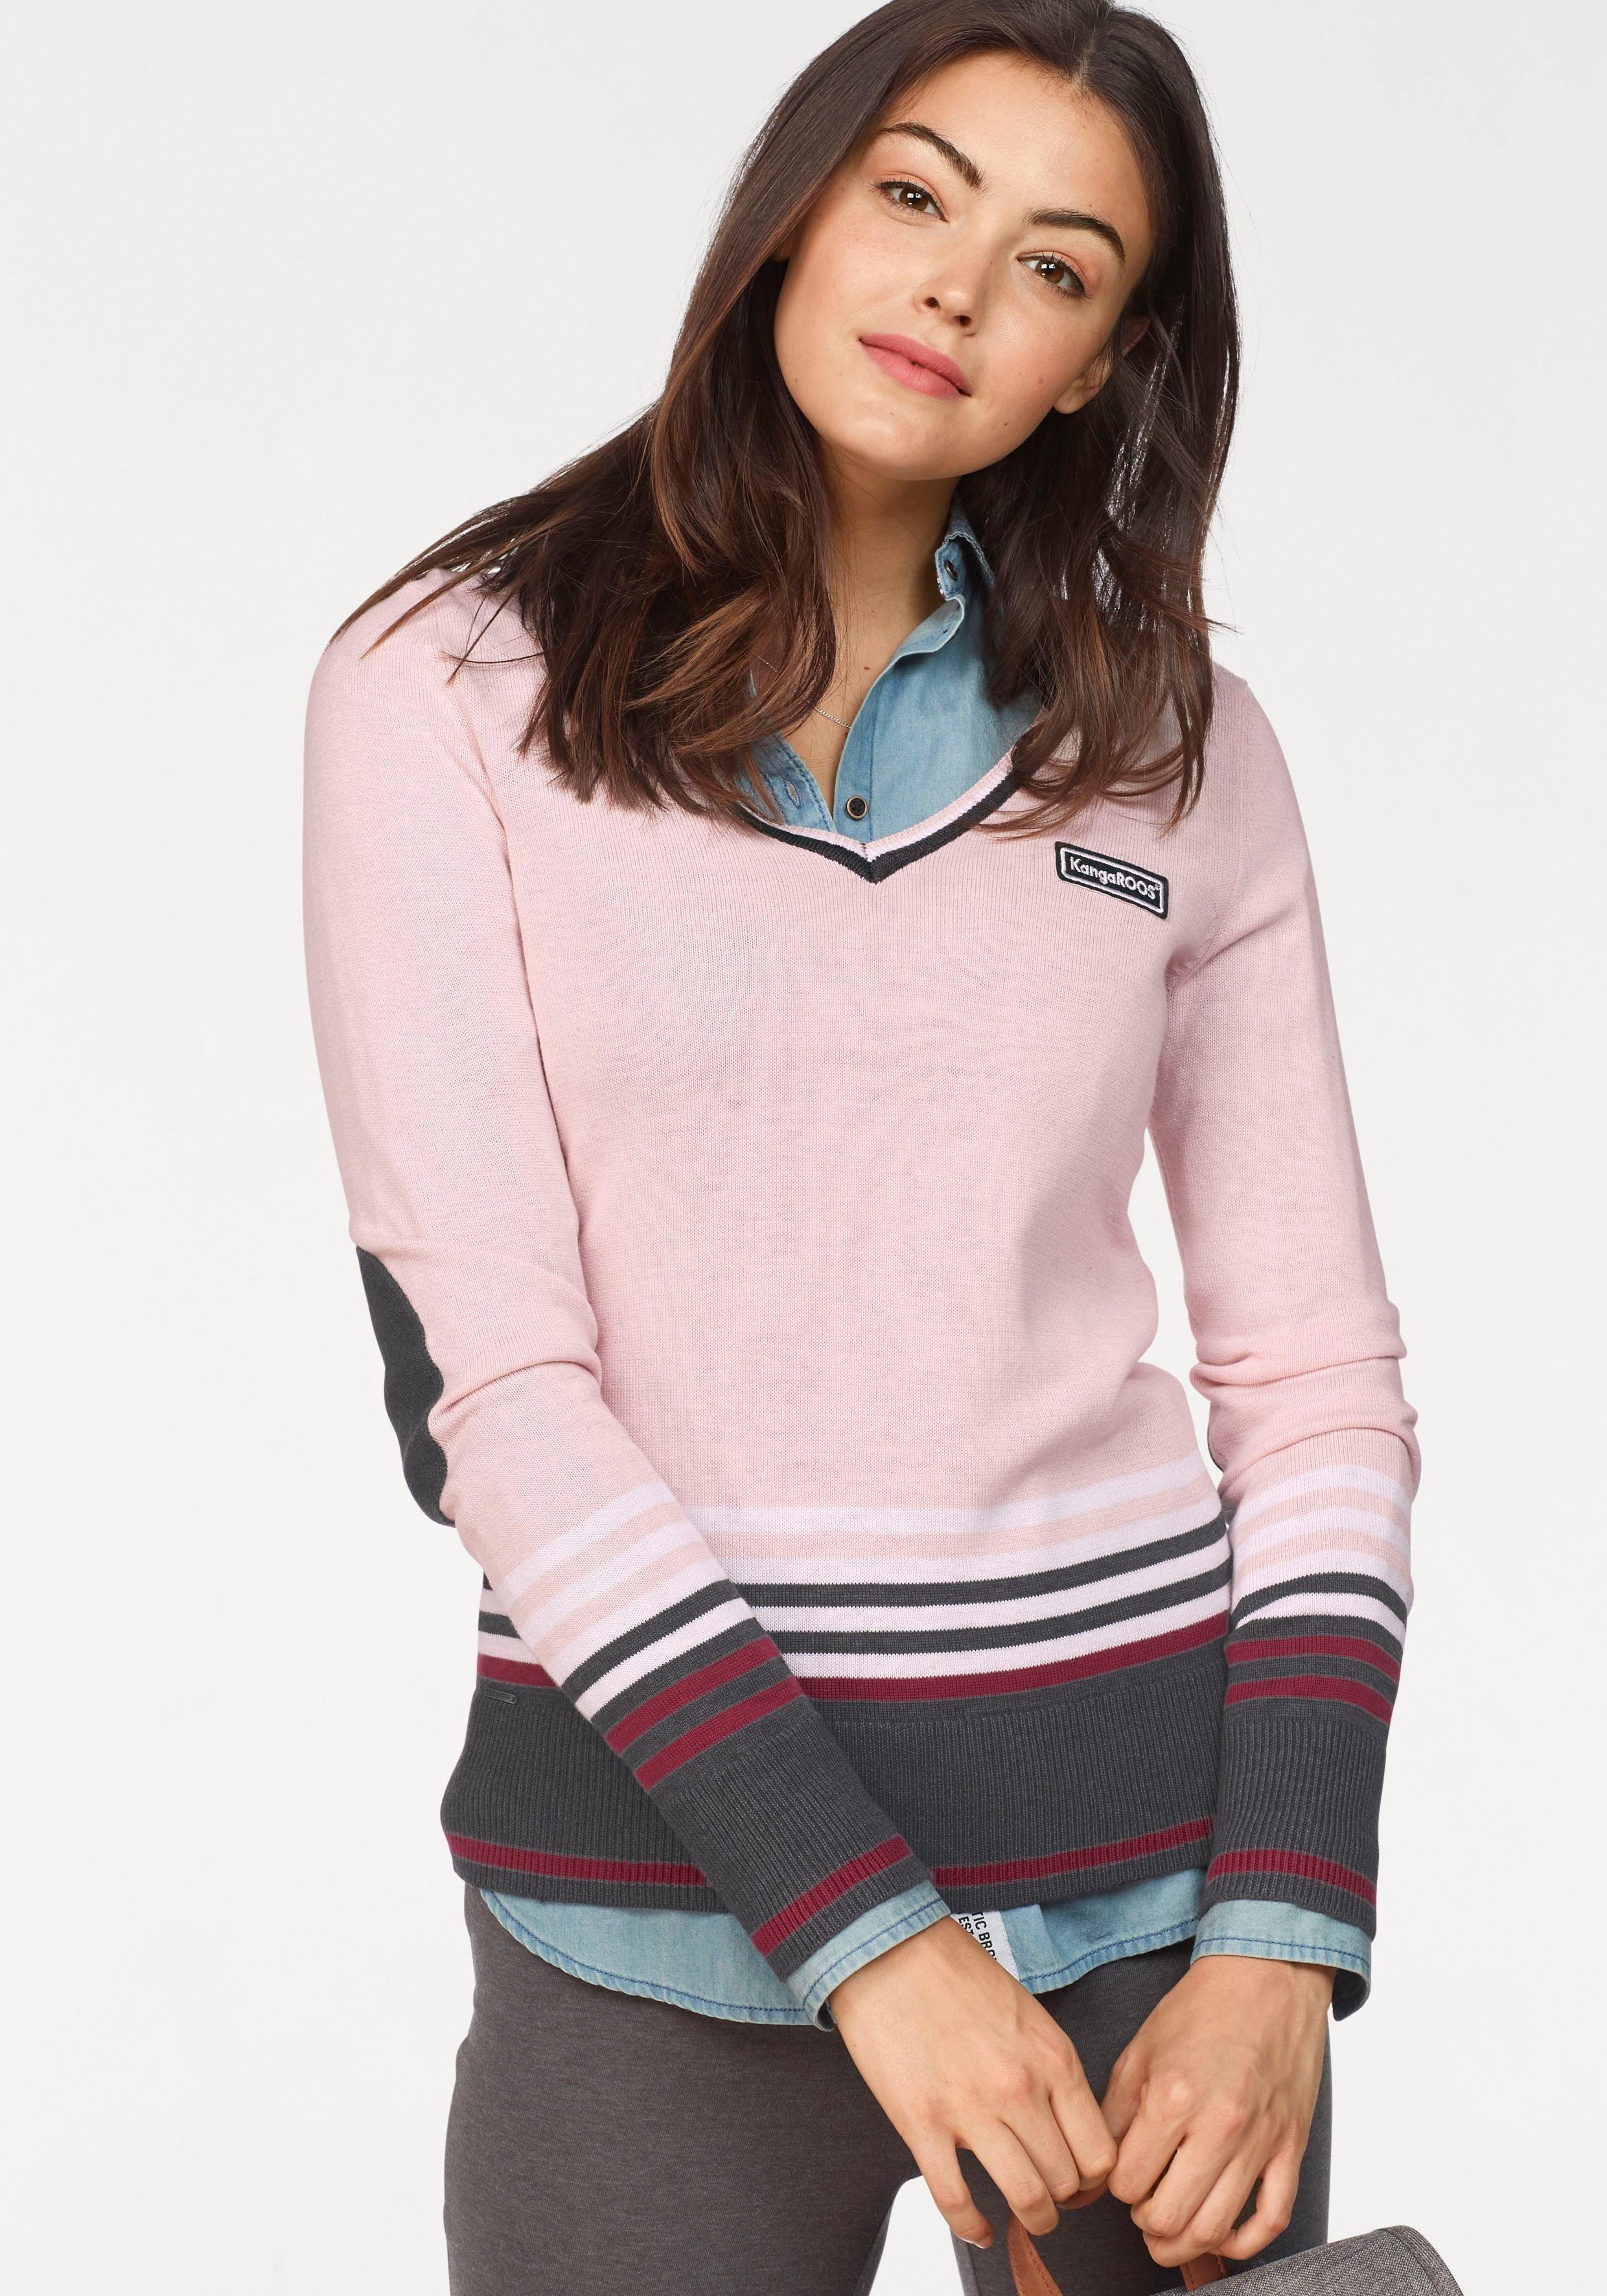 KangaROOS V Ausschnitt Pullover im tollen Streifen Farb Mix online kaufen | OTTO